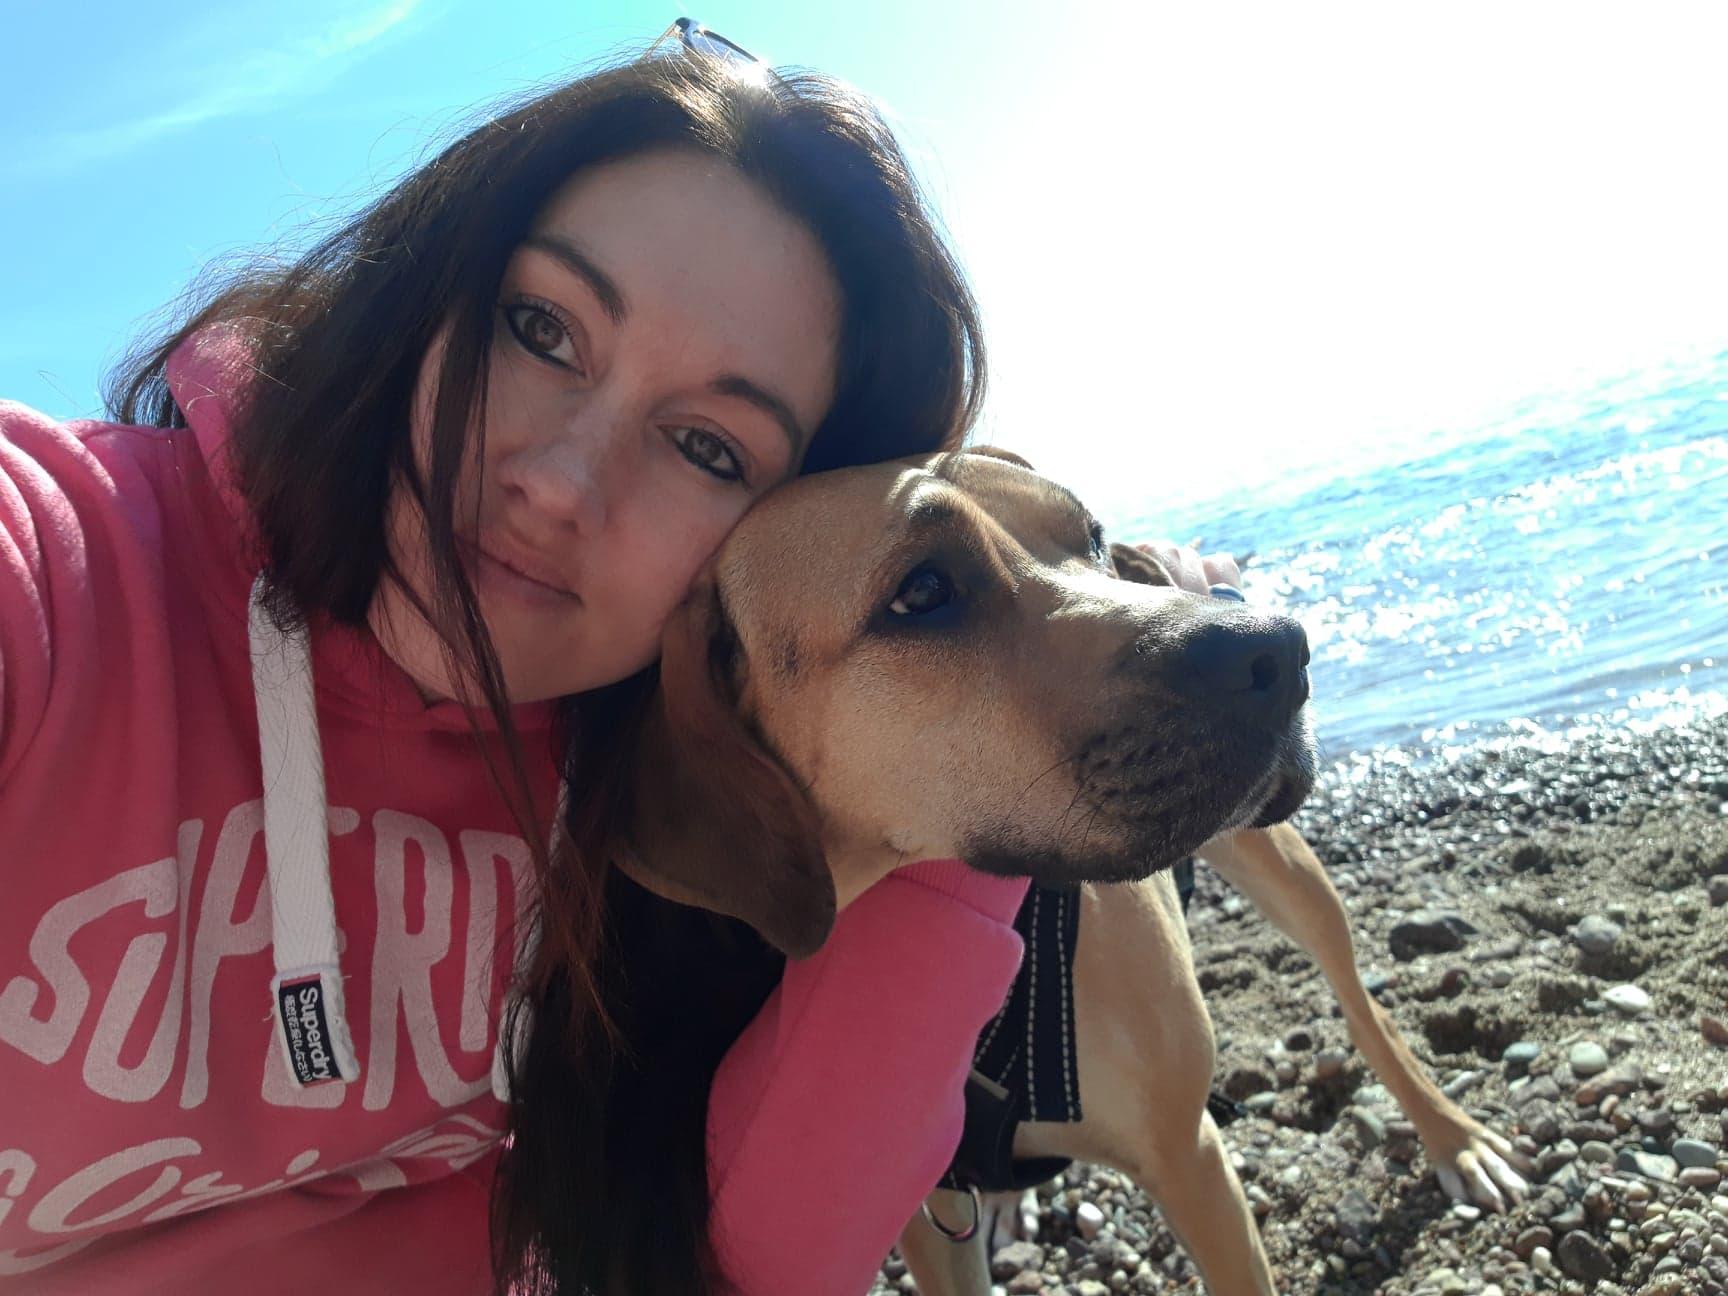 vanessa adoptante et famille d'accueil association de protection animale